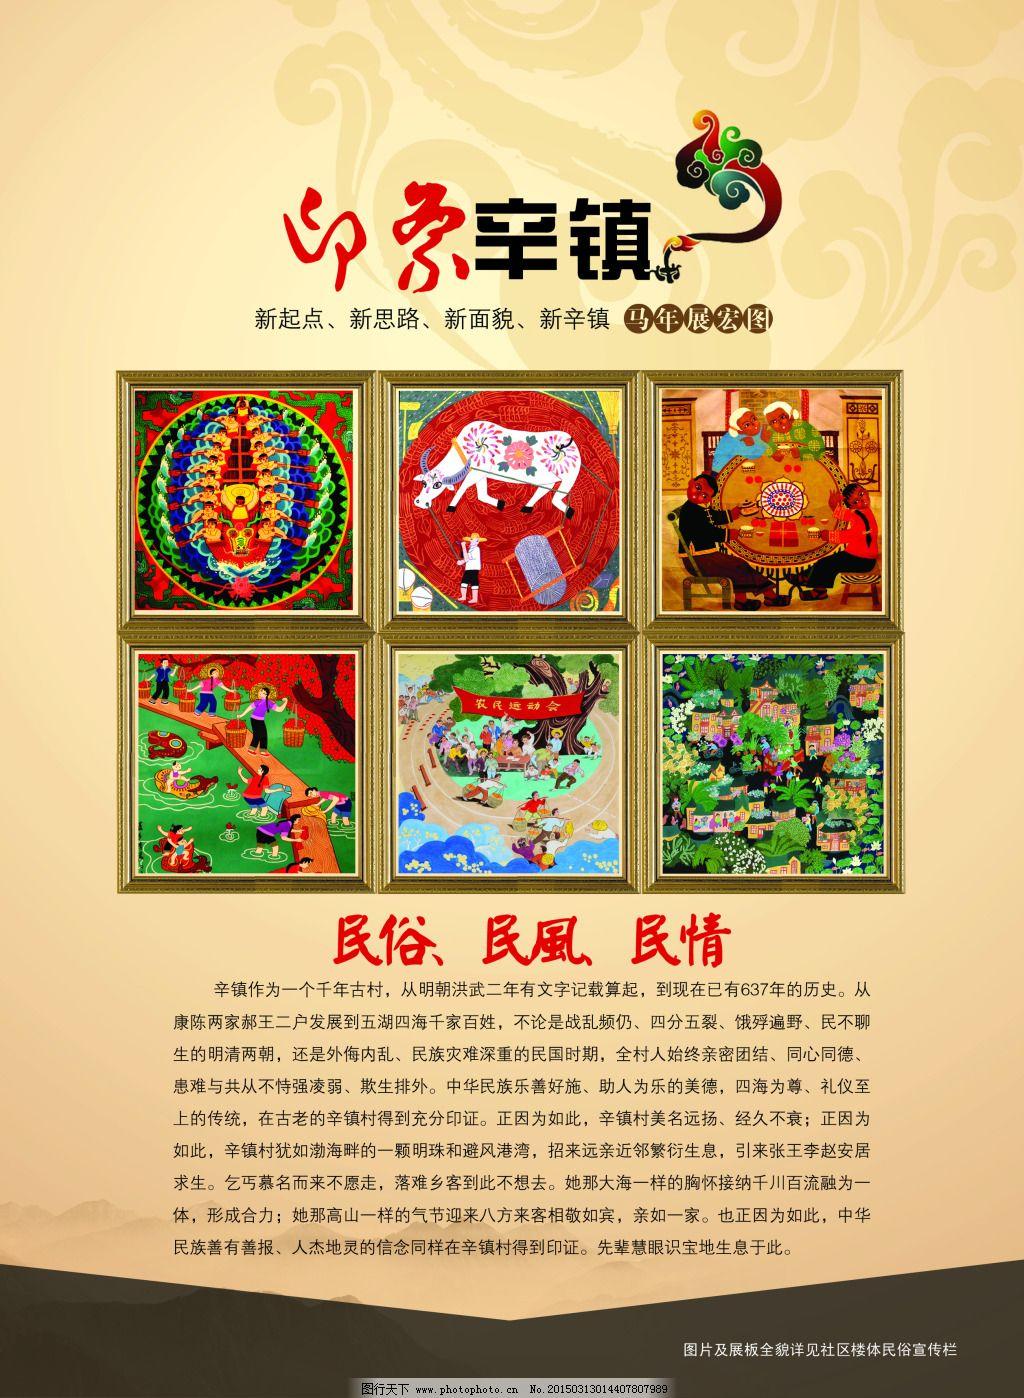 民俗海报 民俗海报免费下载 民风 民情 原创设计 原创海报